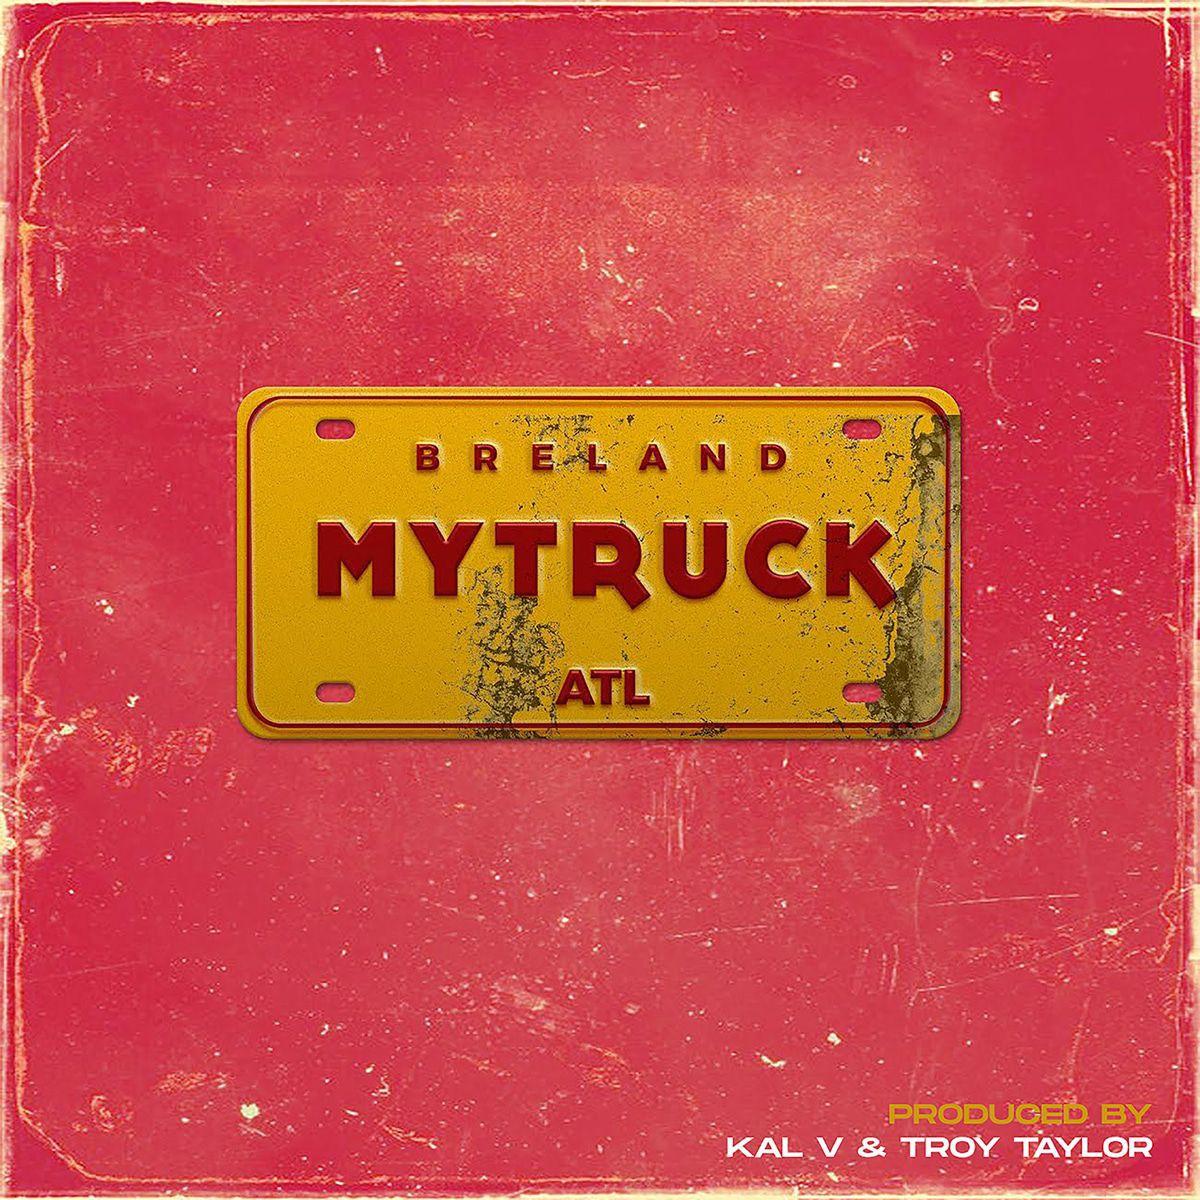 """Breland: Schon von dem fetten viralen Hit """"My Truck"""" gehört?"""